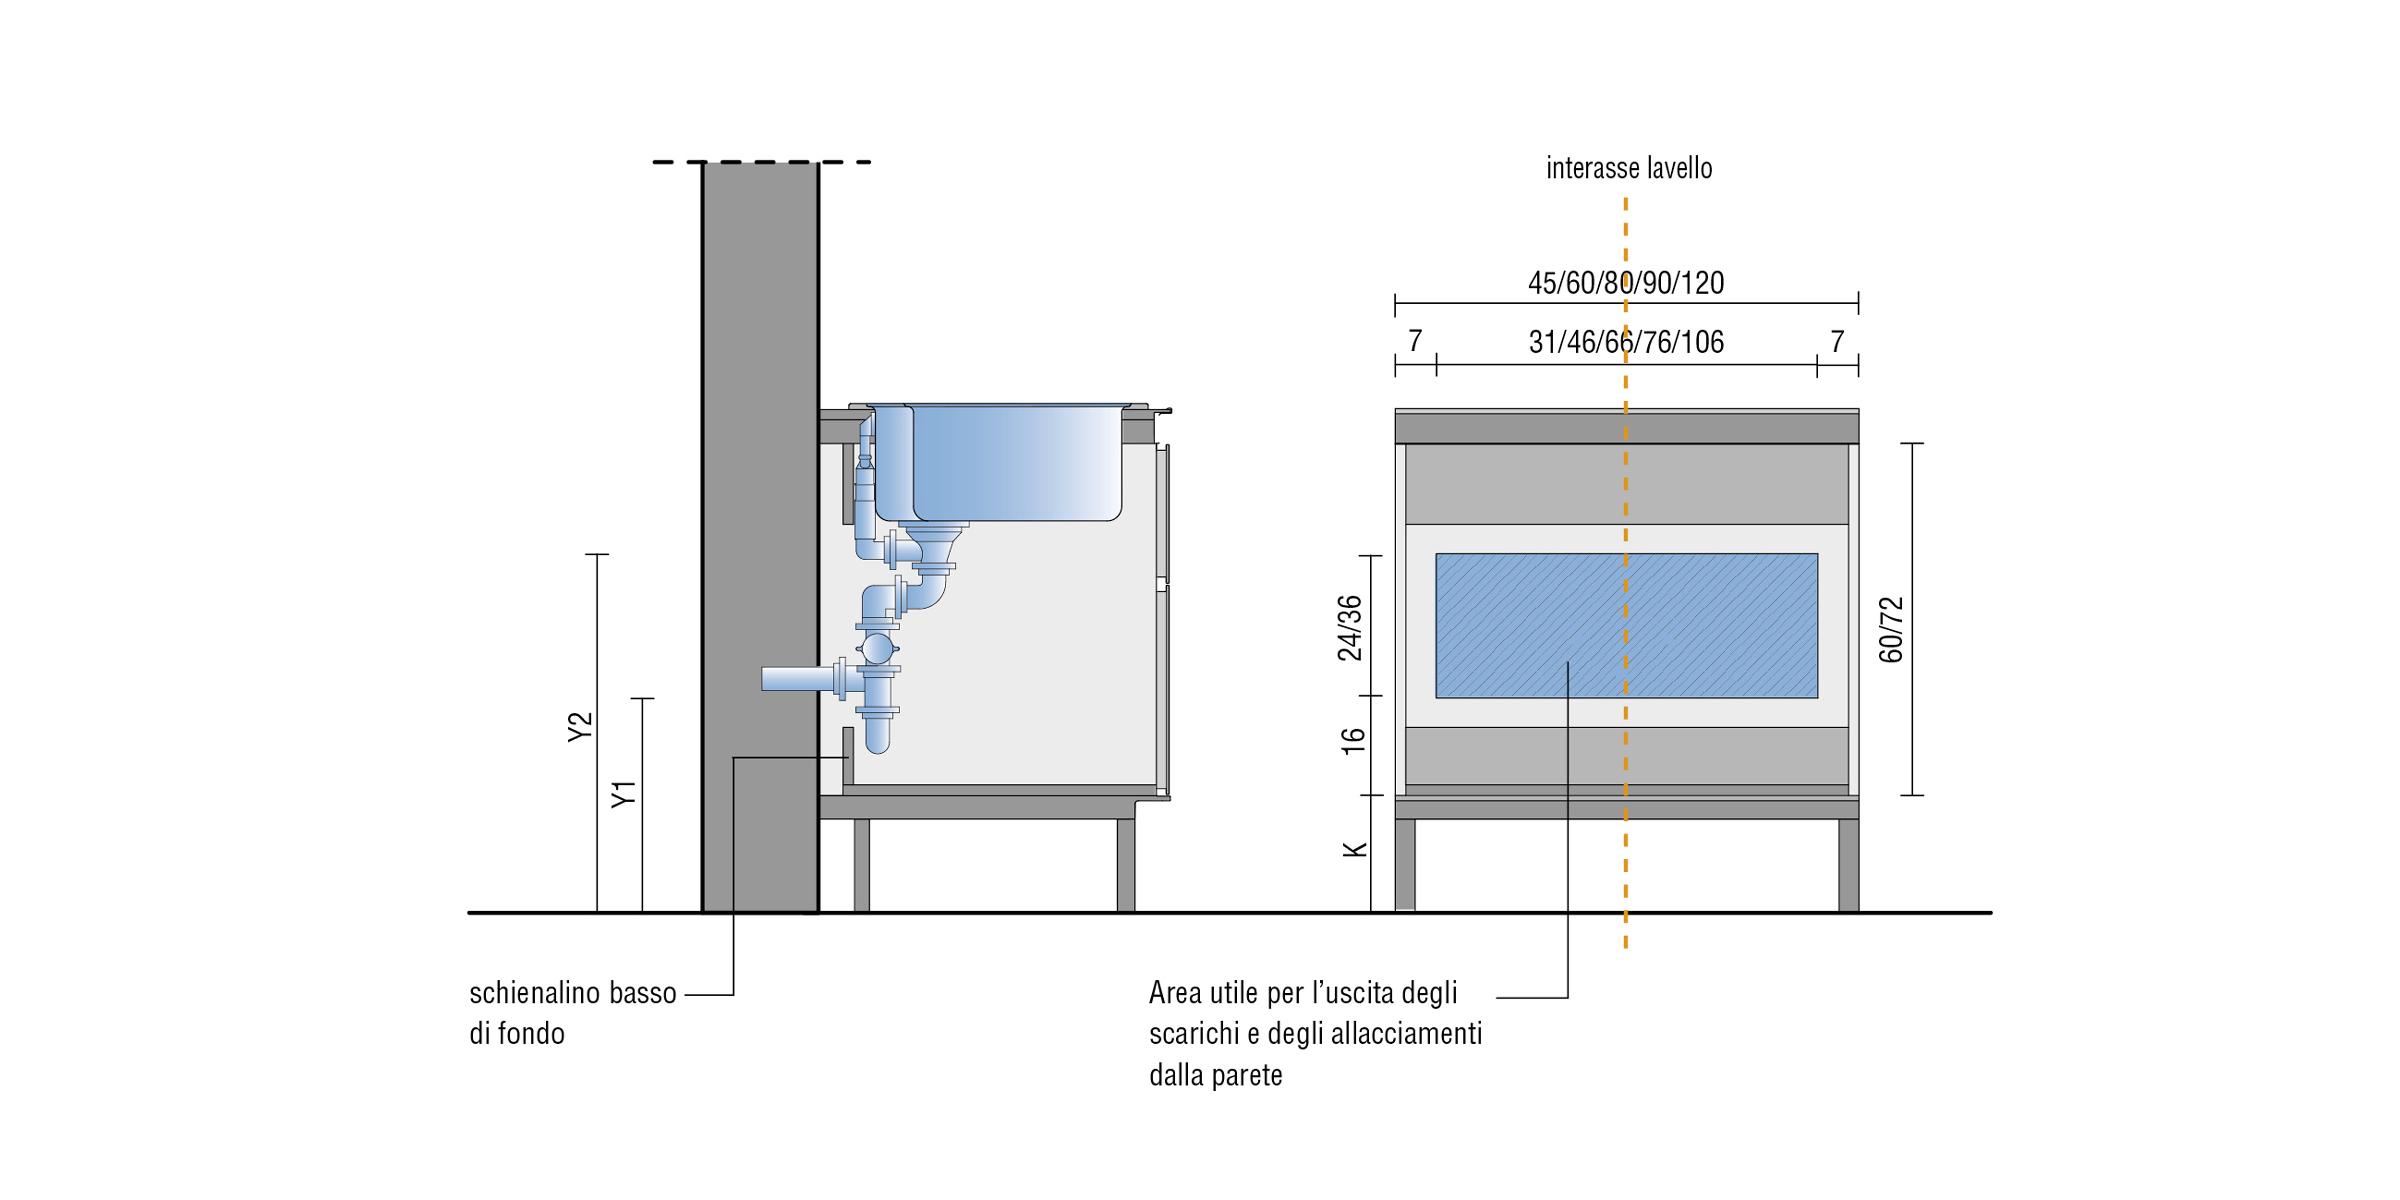 Full Size of Wasseranschluss Küche Lieferzeit Massivholzküche Singelküche Günstig Kaufen Läufer Single Armatur Grau Hochglanz Wasserhähne Mit Elektrogeräten Wohnzimmer Wasseranschluss Küche